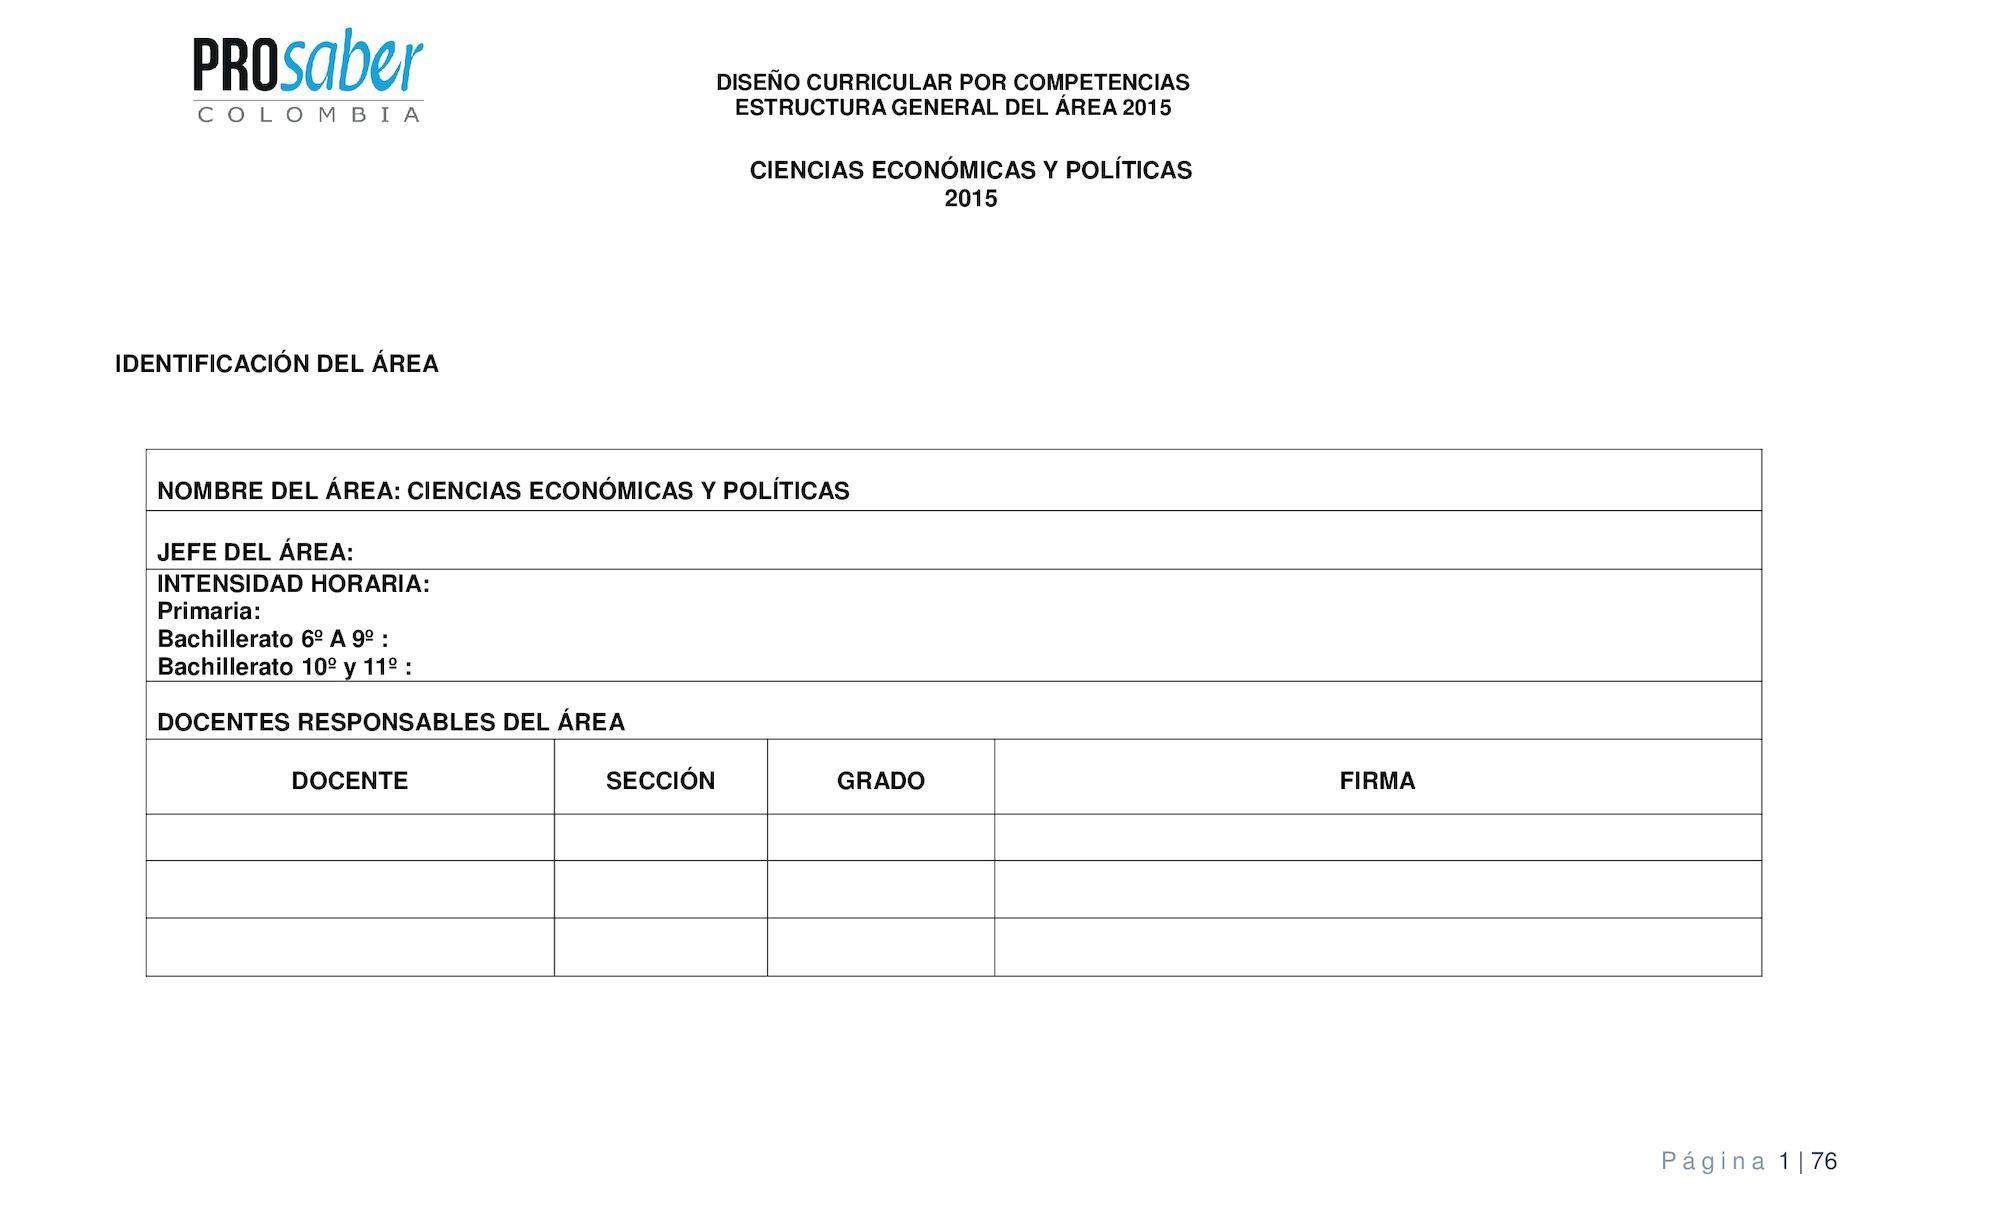 Diseño Curricular Por Competencia Prosaber Colombia Ciencias Económicas Y Políticas 2015